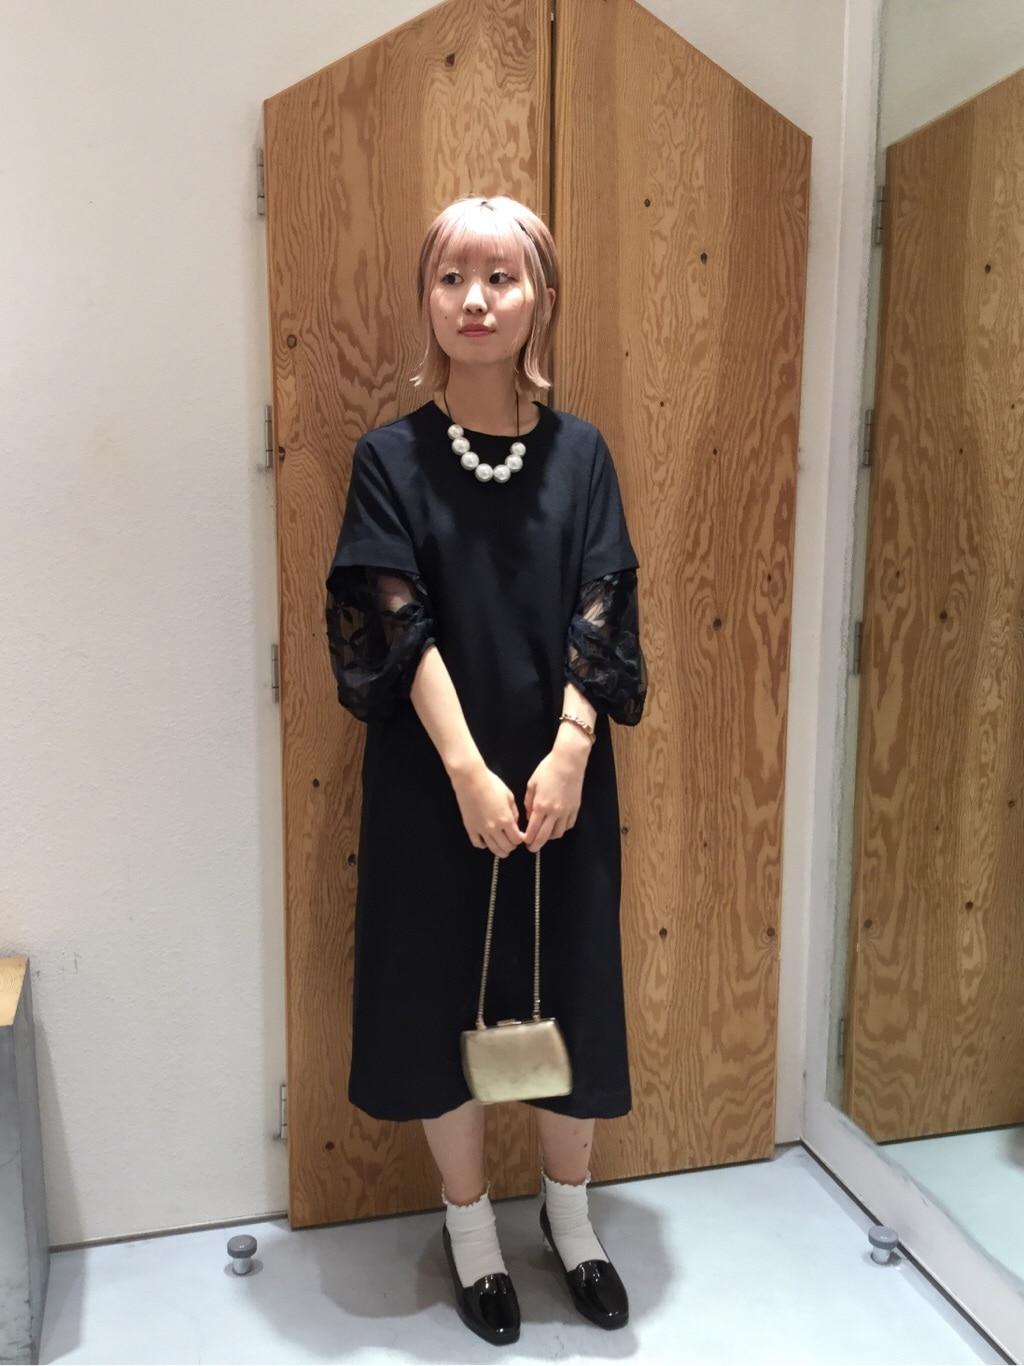 l'atelier du savon グランフロント大阪 身長:157cm 2019.08.29